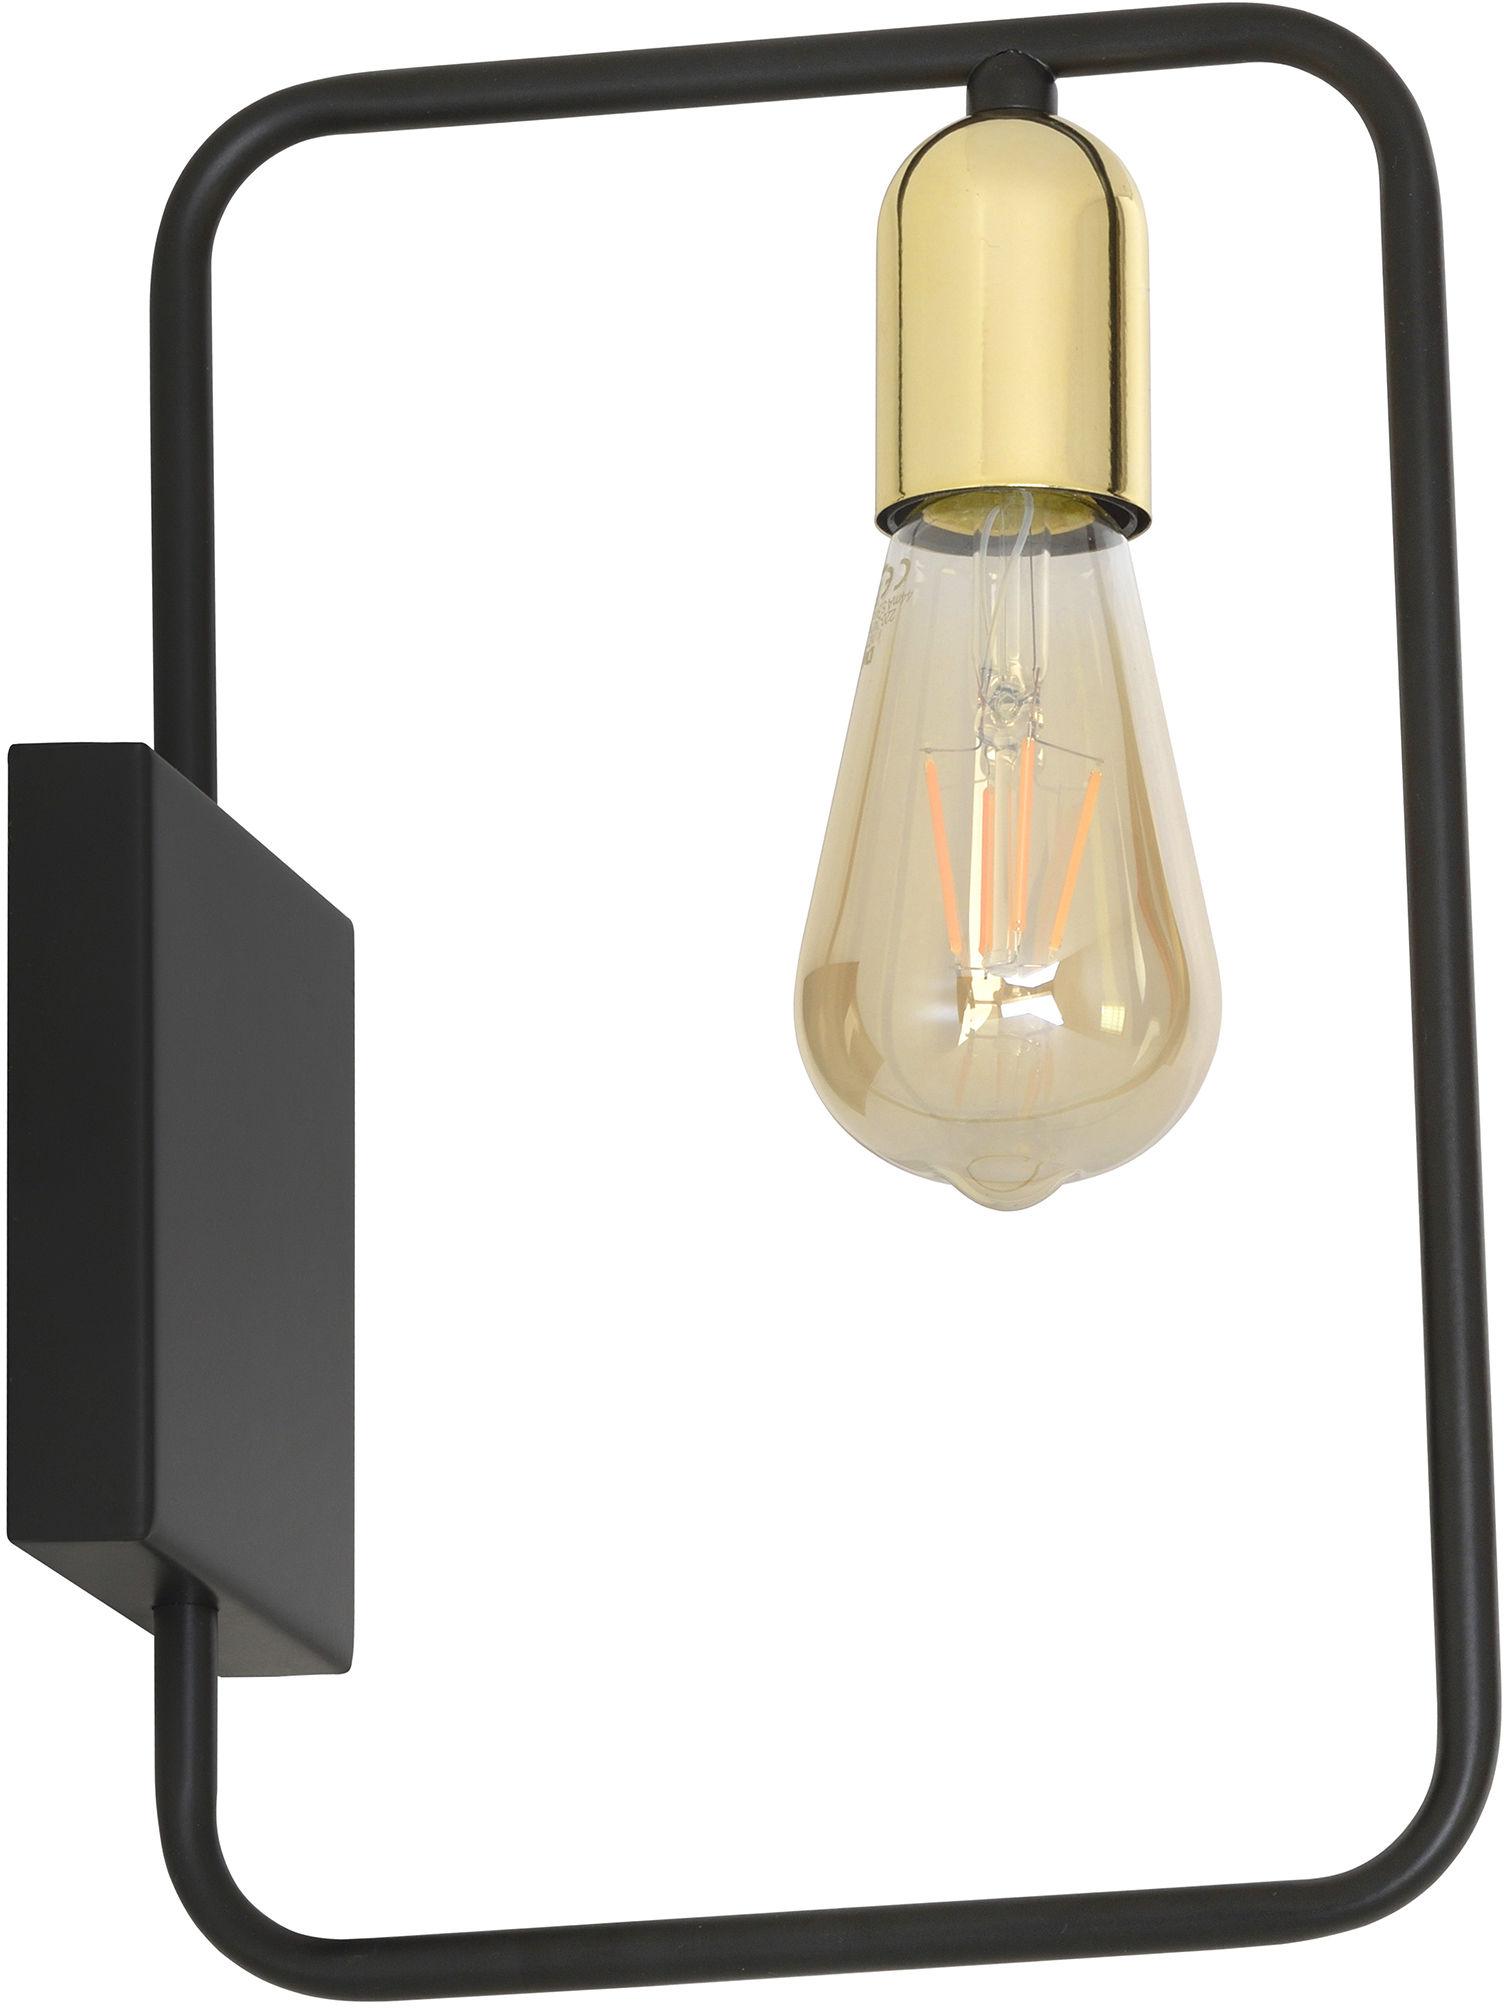 Emibig SAVO K1 BLACK 353/K1 kinkiet lampa ścienna loftowy czarno złoty metal rama 1x60W E27 28cm